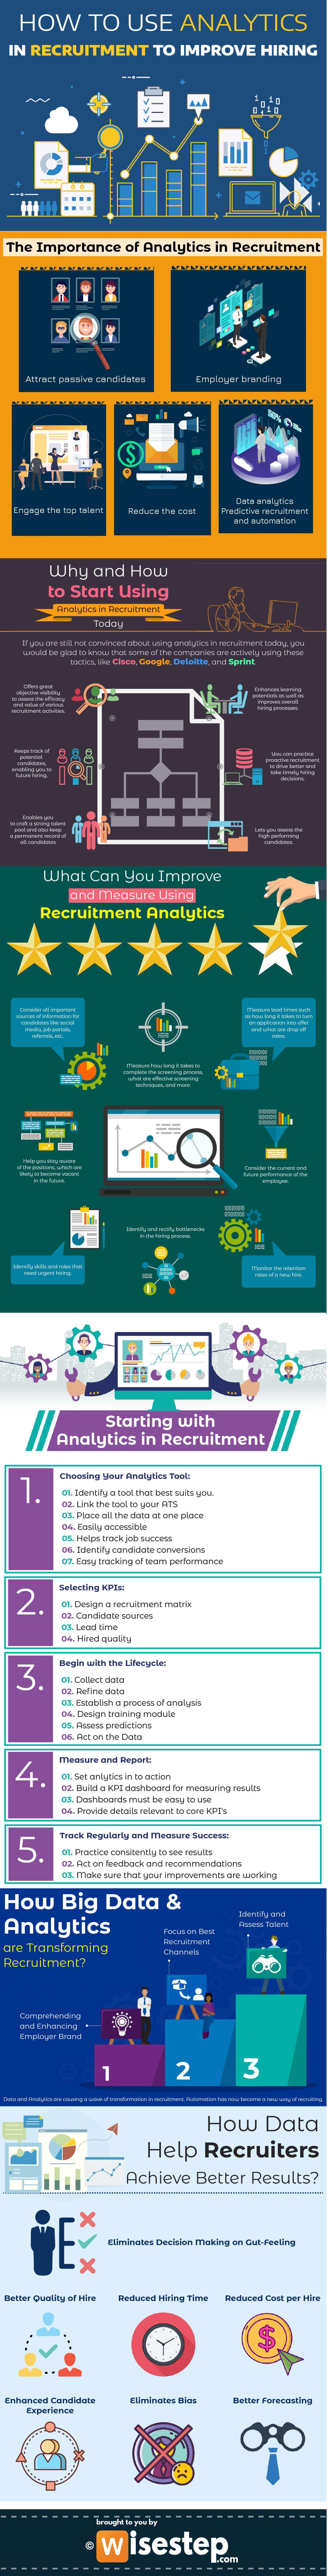 Analytics in Recruitment